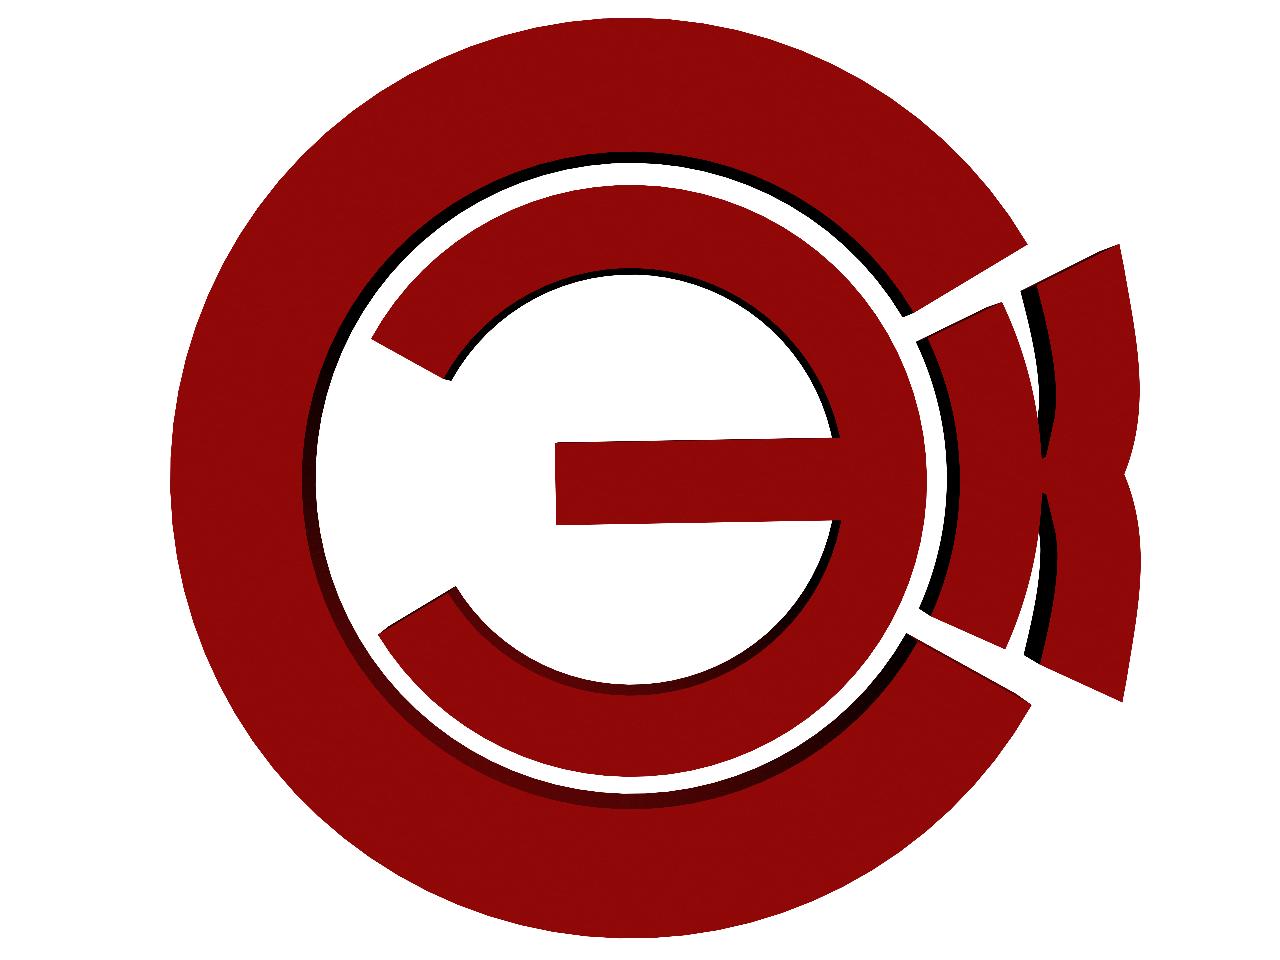 Контакт розеточный 5КЧ.551.003